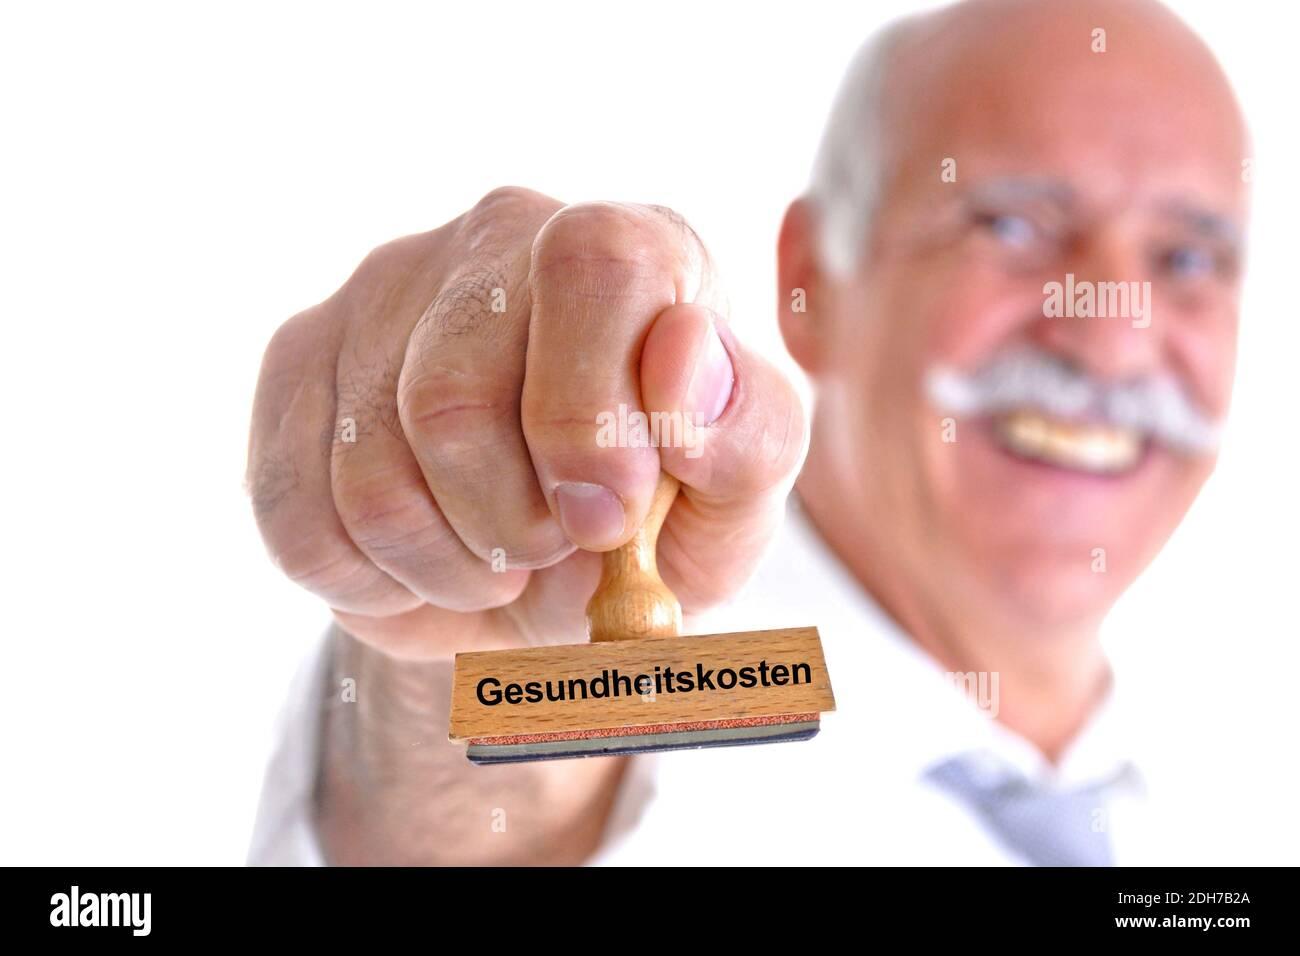 Arzt, Apotheker, Doktor, 65, 70, Jahre, Mann hält Stempel in der Hand, Aufschrift: Gesundheitskosten, Stock Photo